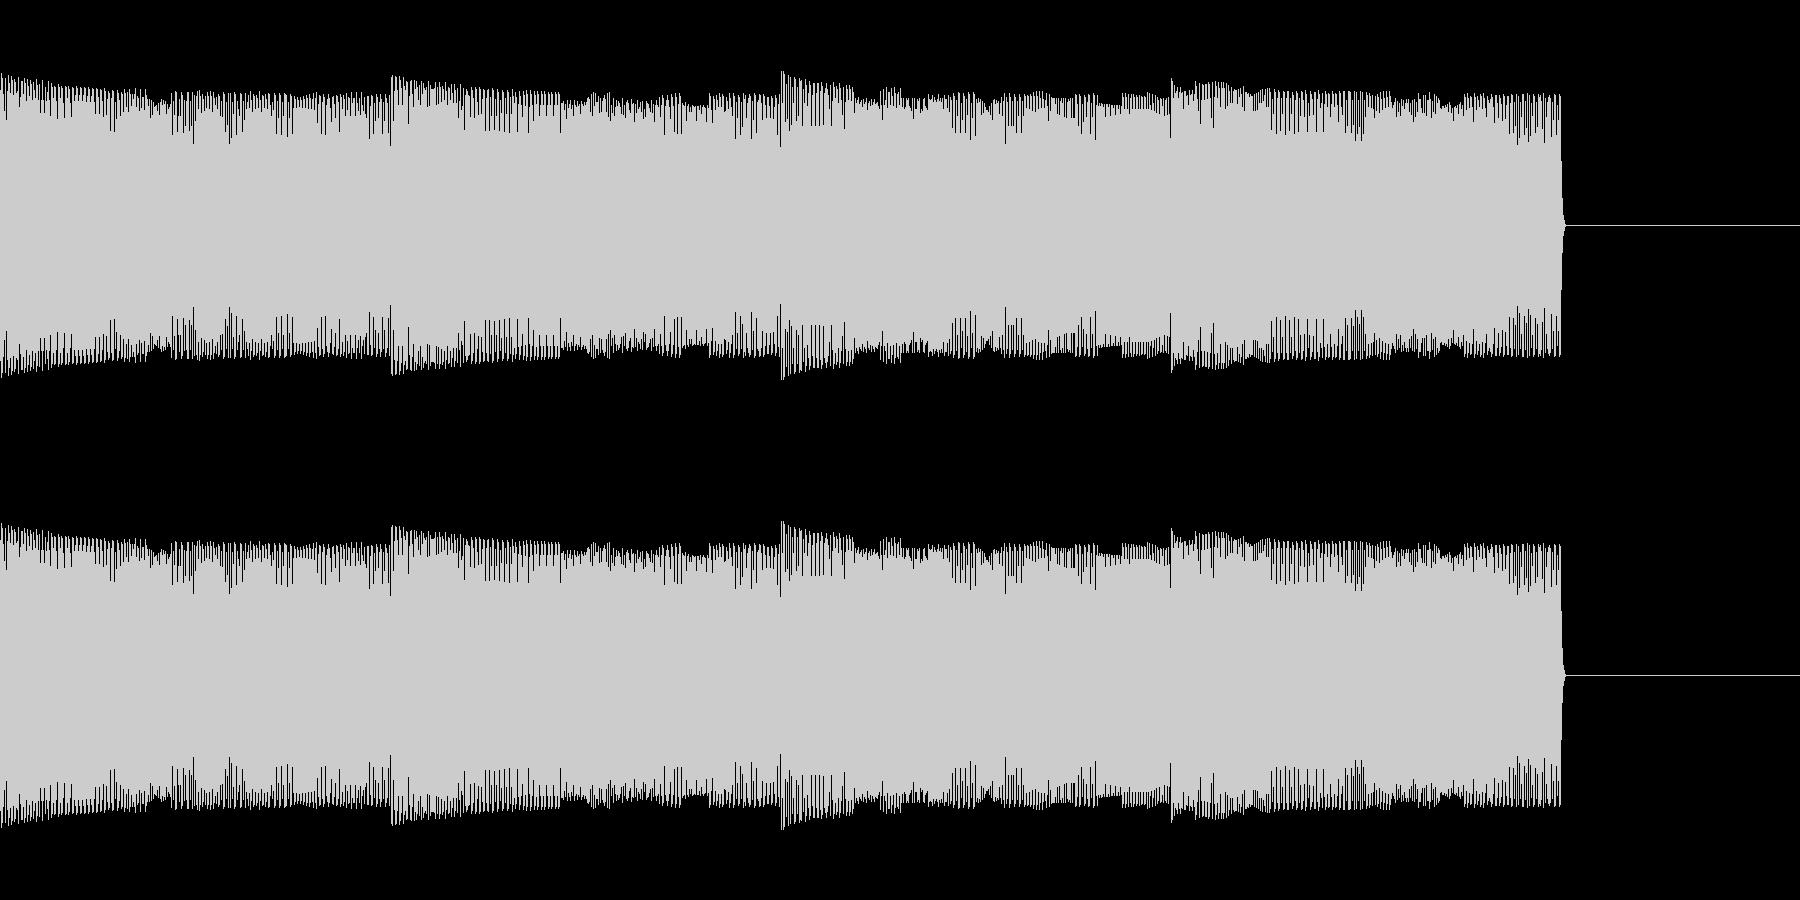 コンピューターの音の未再生の波形